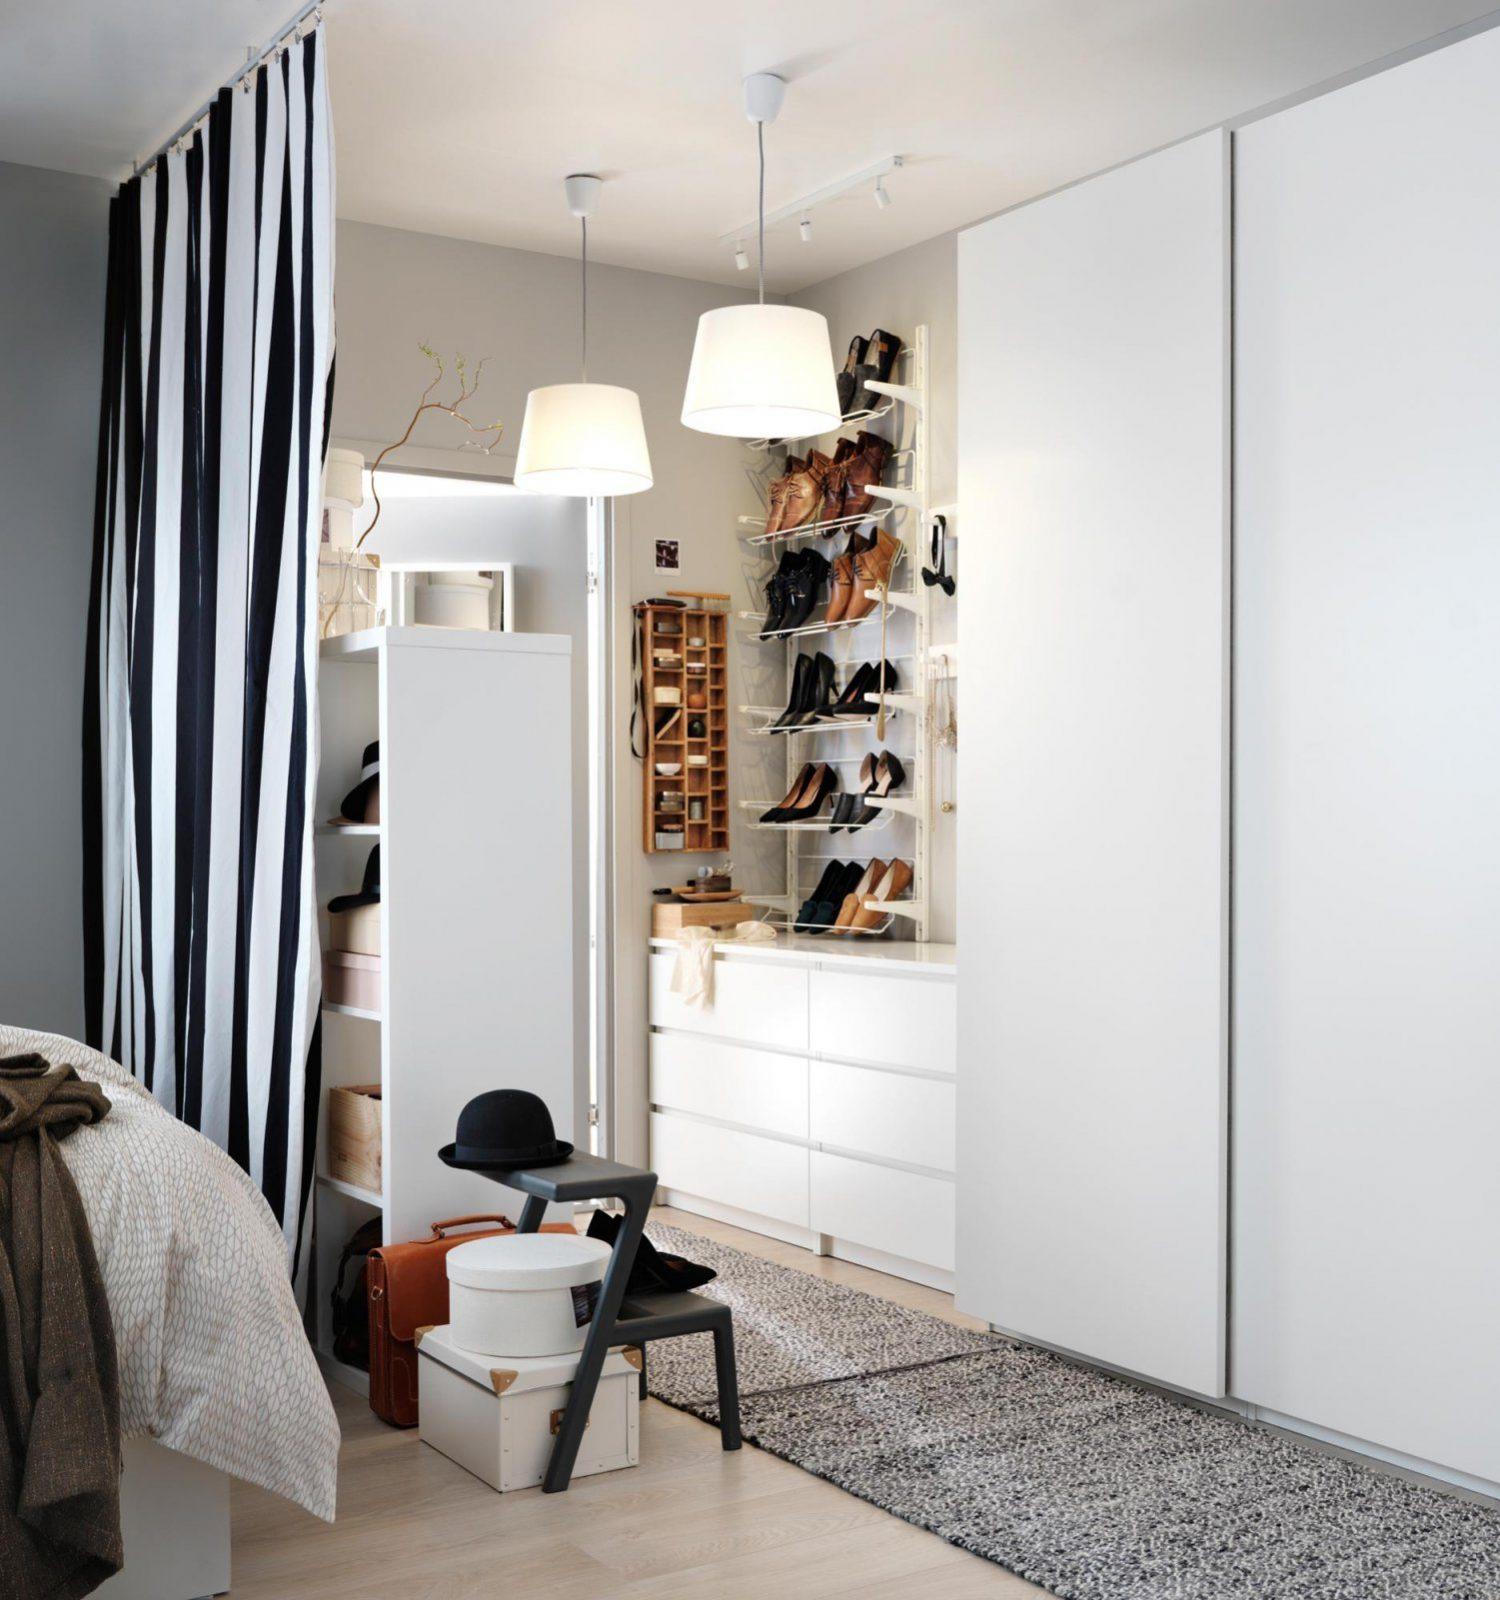 Begehbarer Kleiderschrank Für Kleines Zimmer Ikea von Begehbarer Kleiderschrank Kleines Schlafzimmer Photo